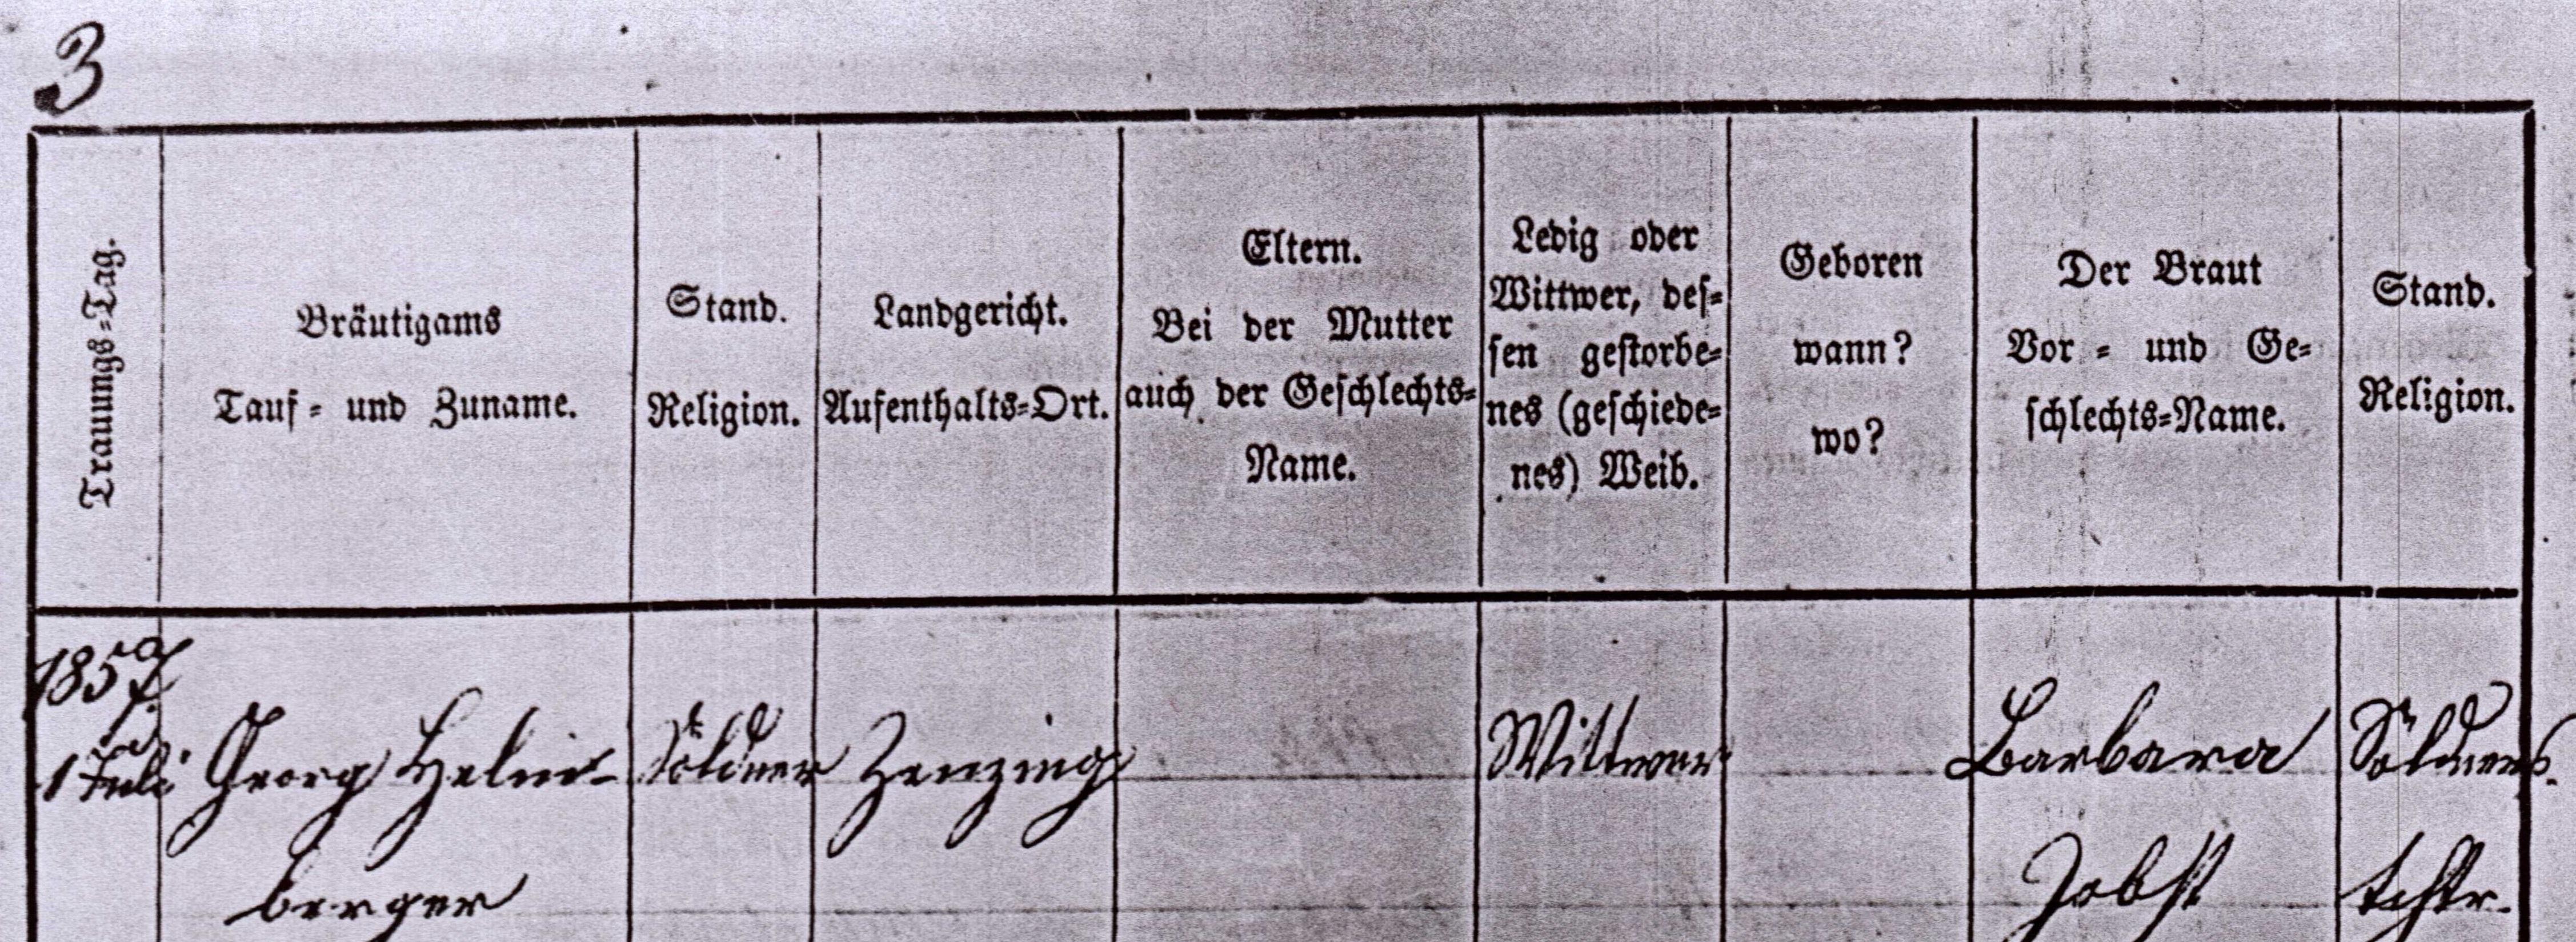 Johann Meier & Anna Maria Urban 1857 p 1 top crop